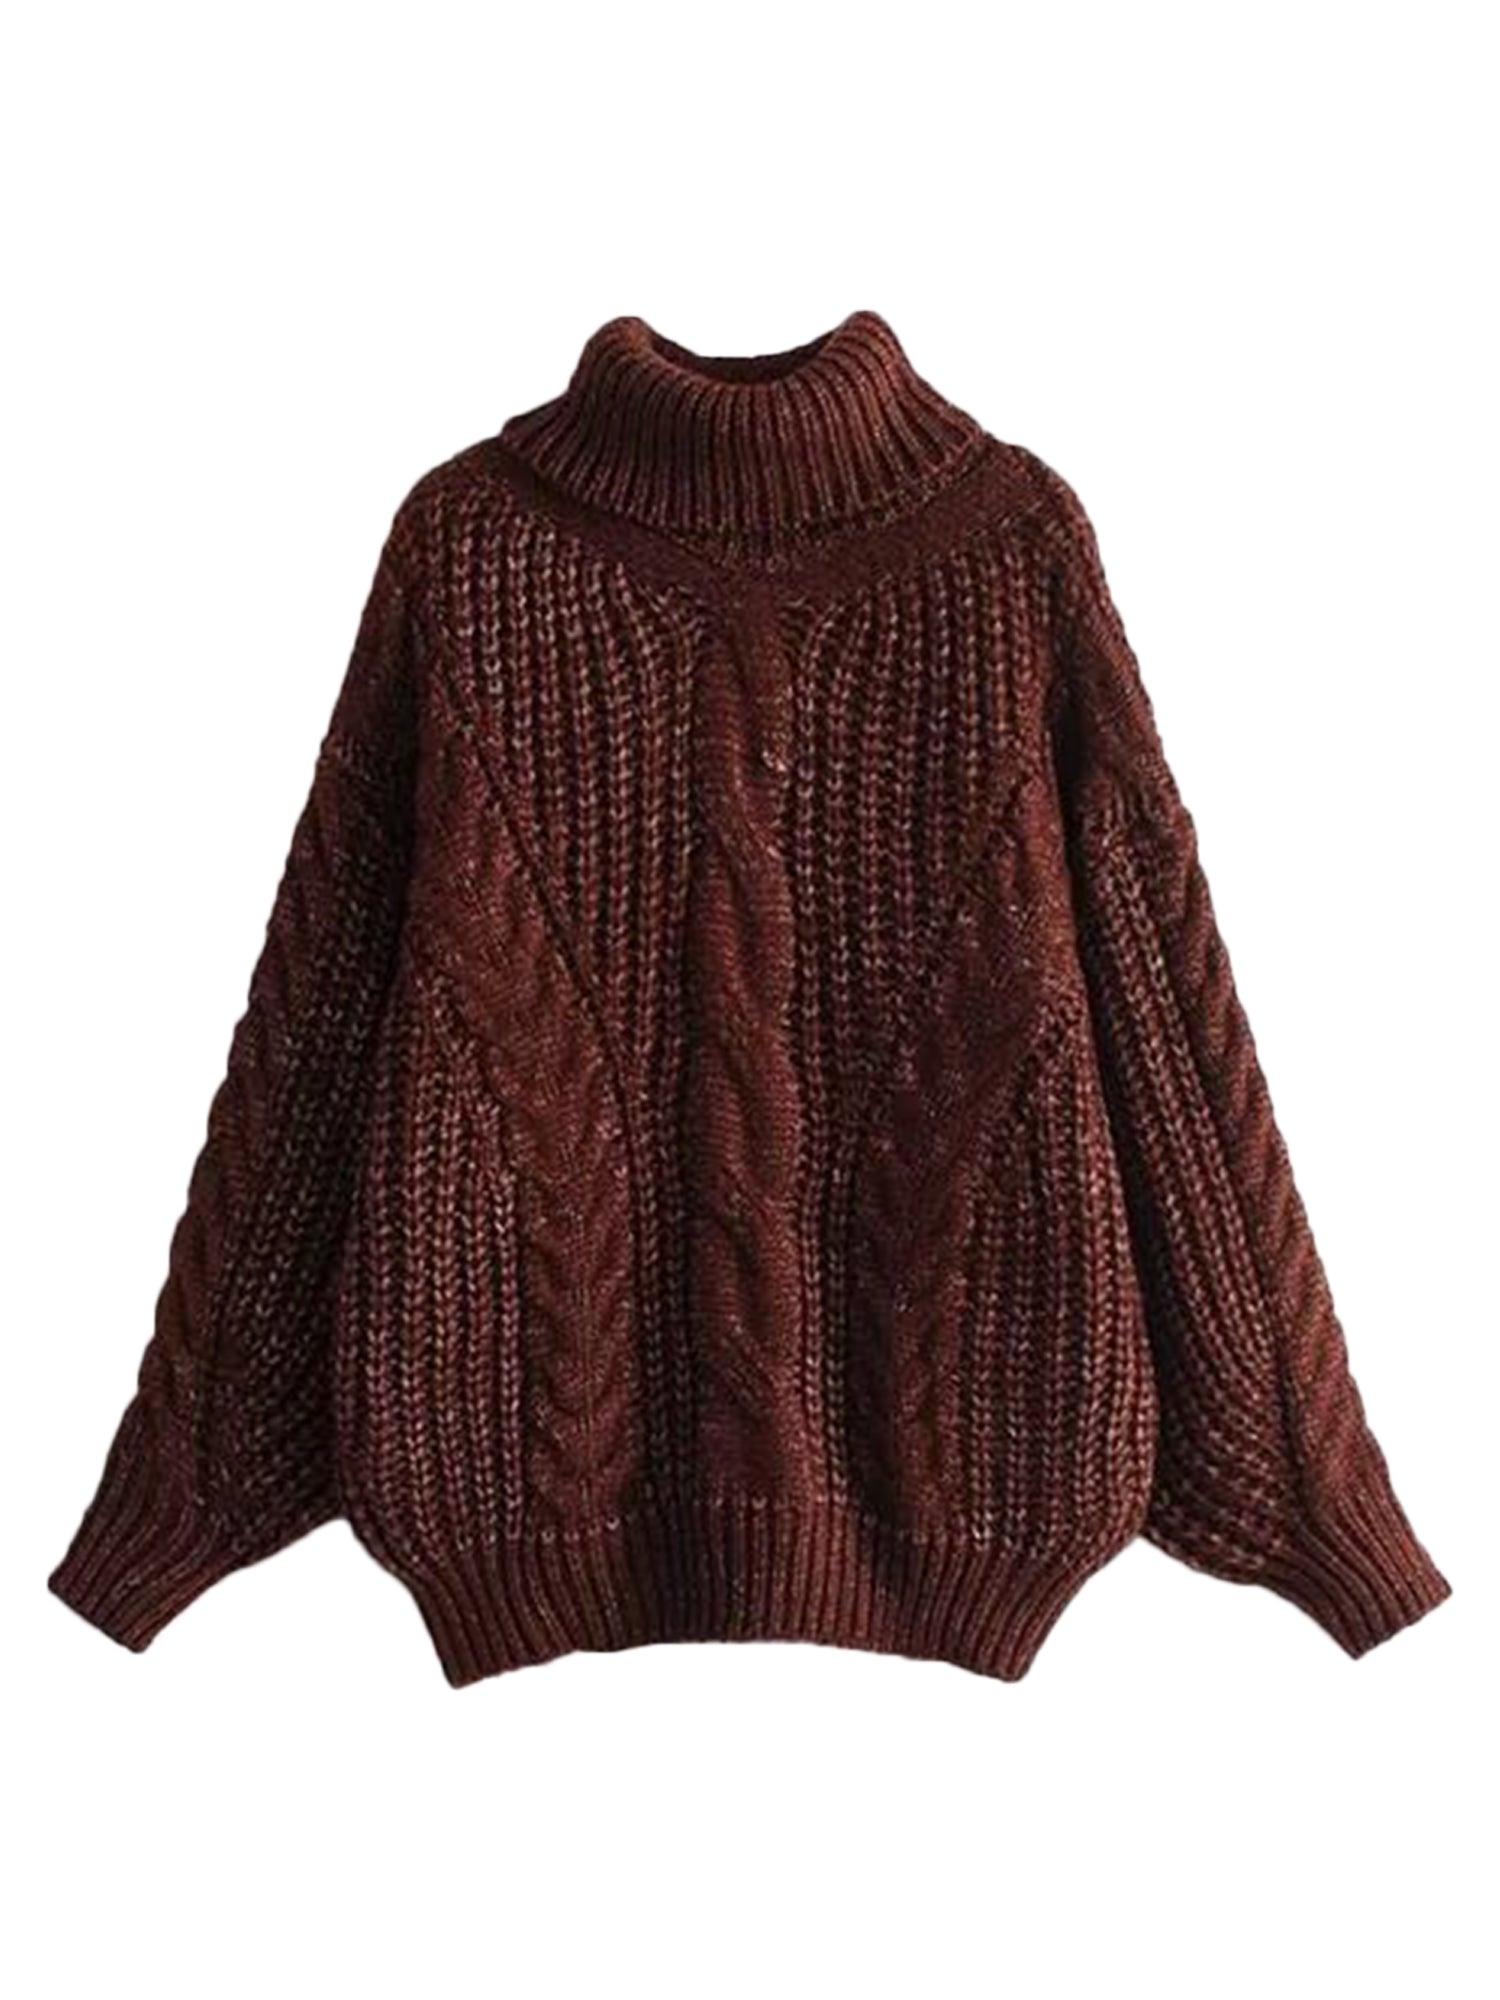 washing instructions coodrony turtleneck sweater